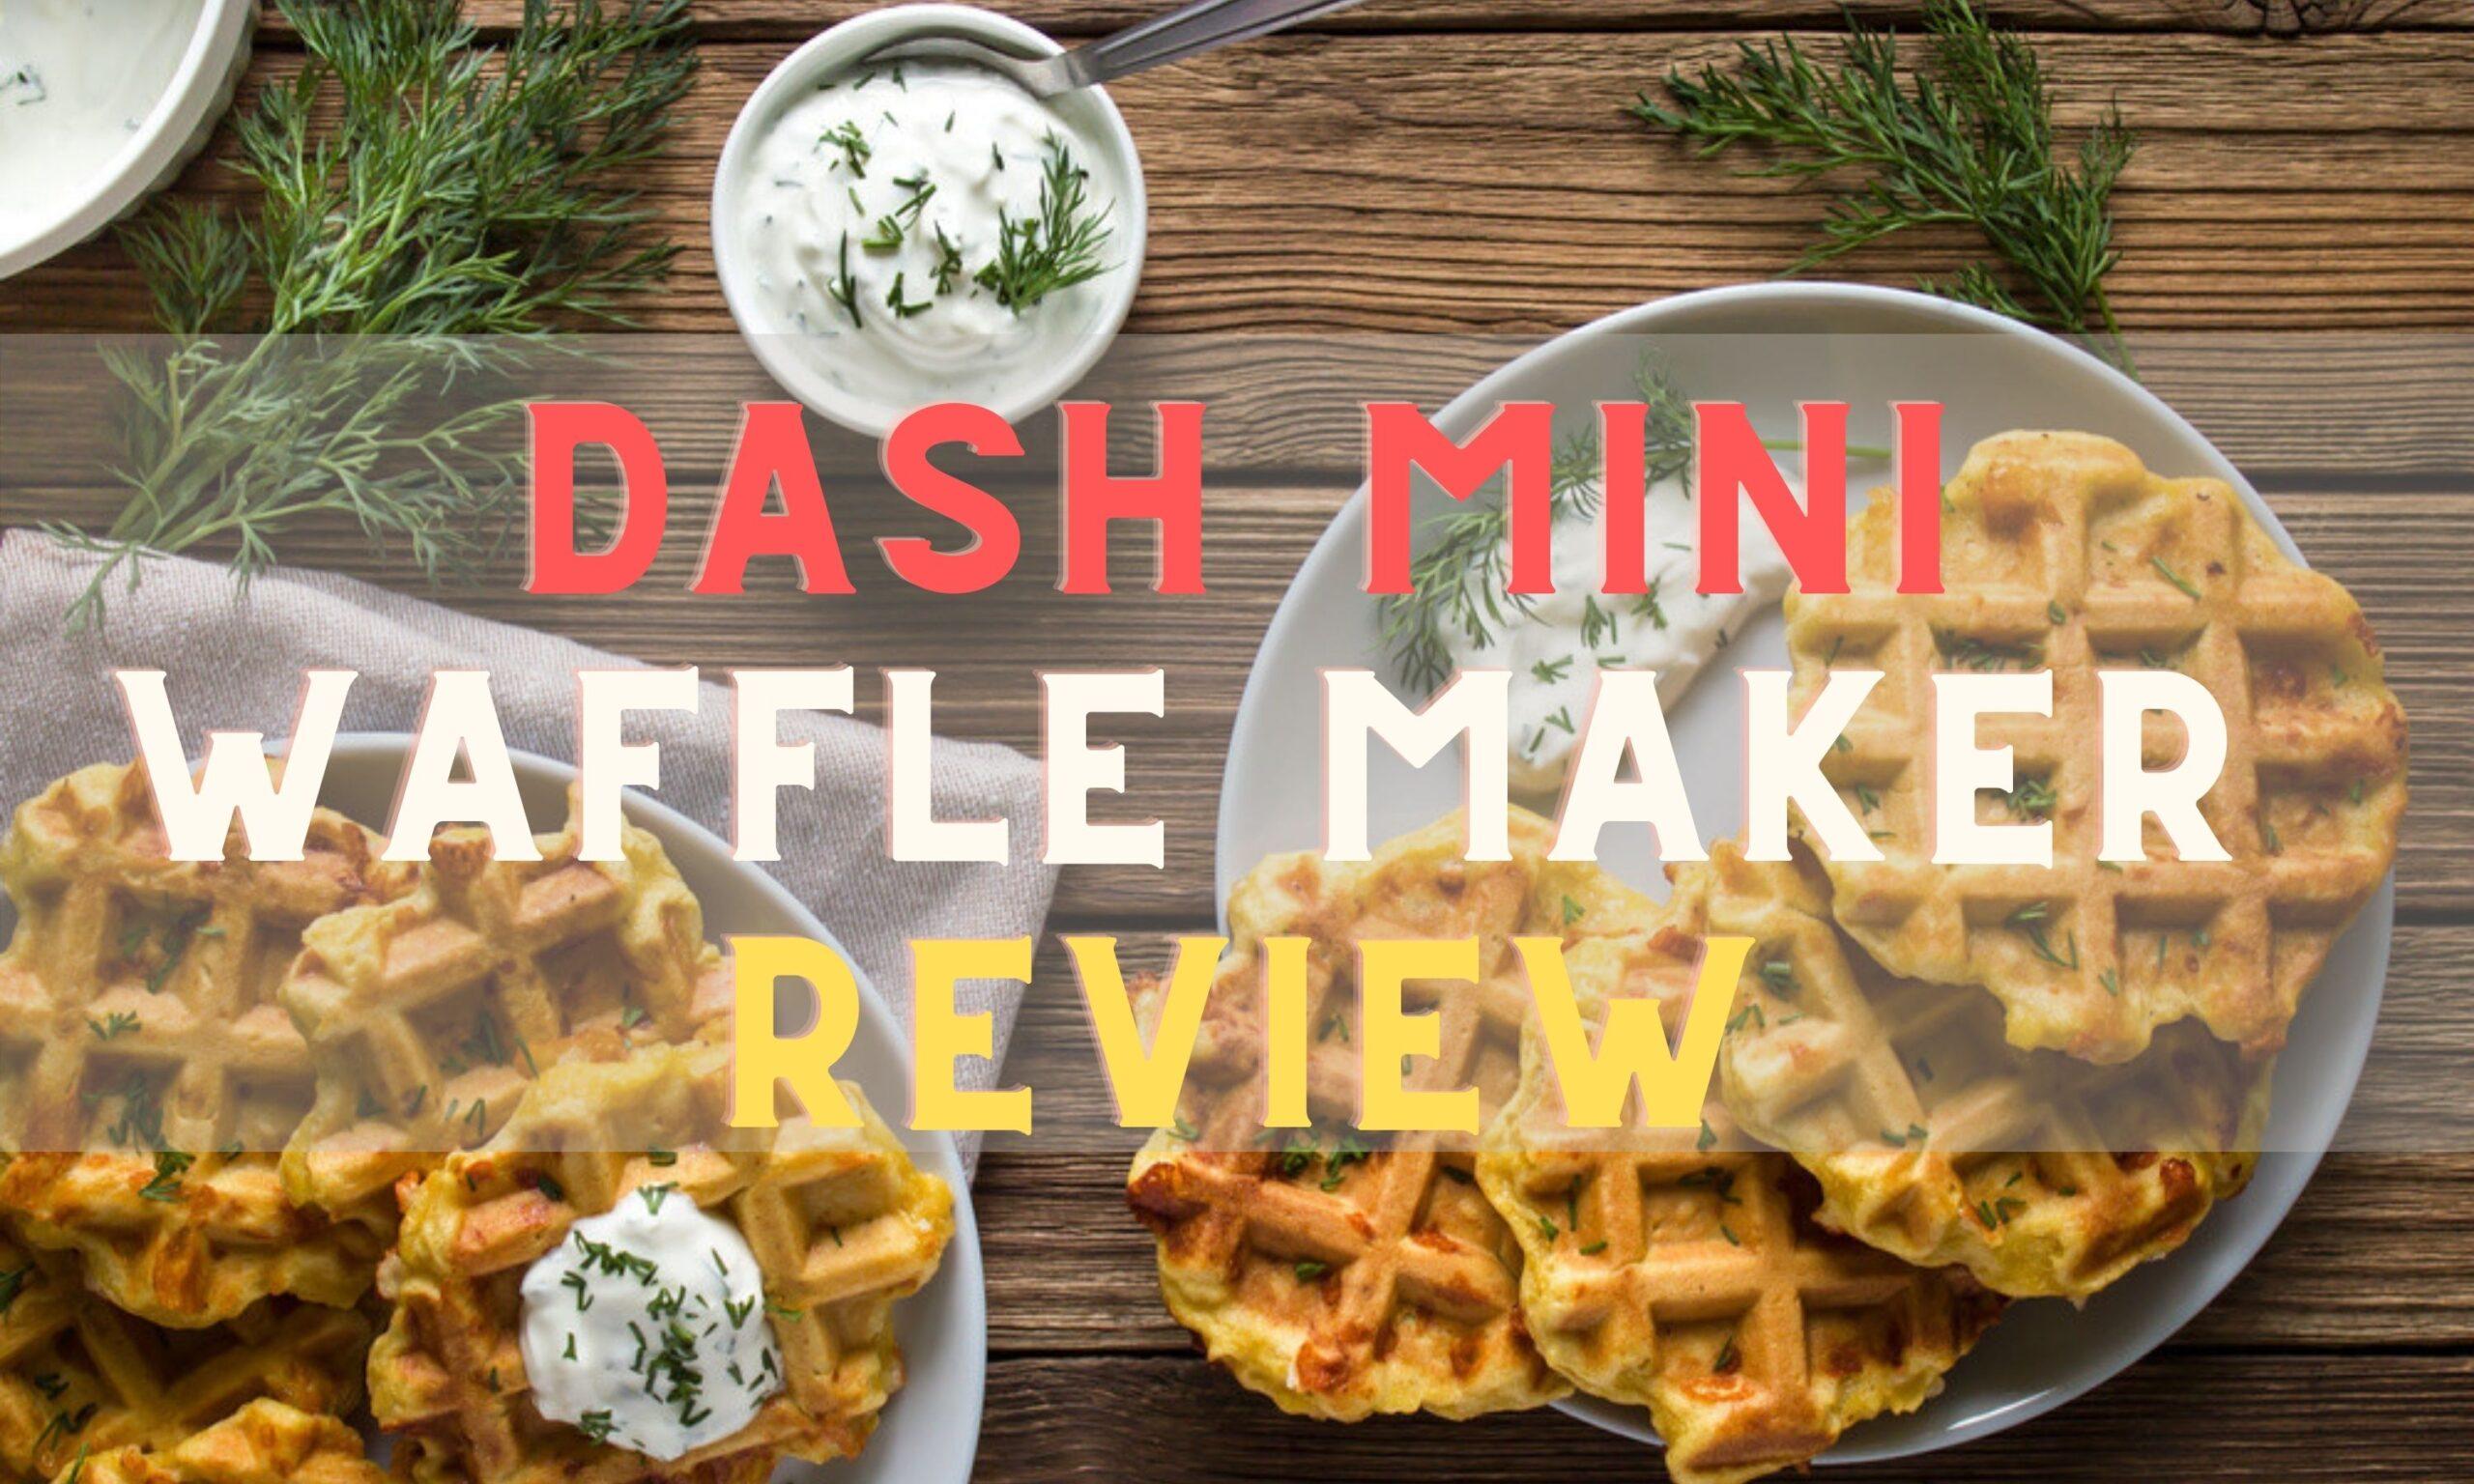 Dash Mini Waffle Maker Feature Image